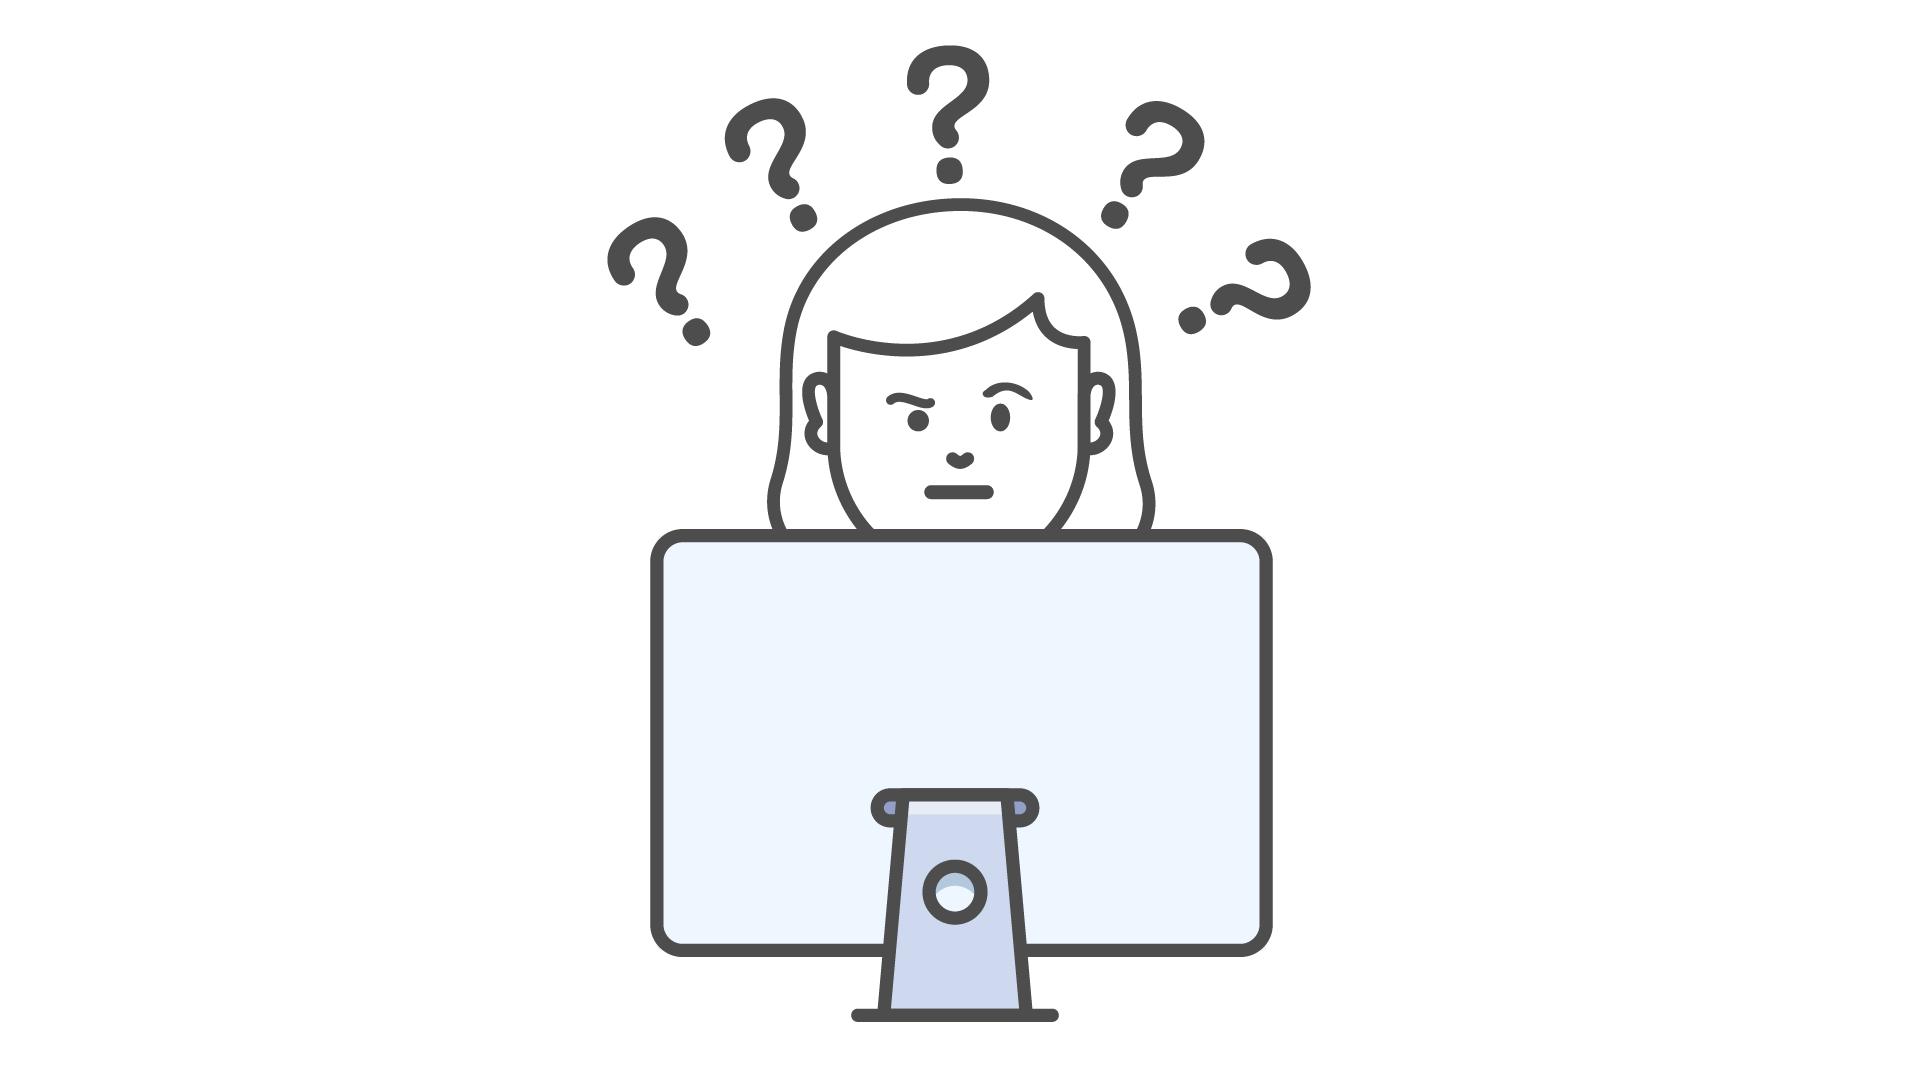 Personne derrière un écran d'ordinateur, cinq points d'interrogation au dessus de sa tête.